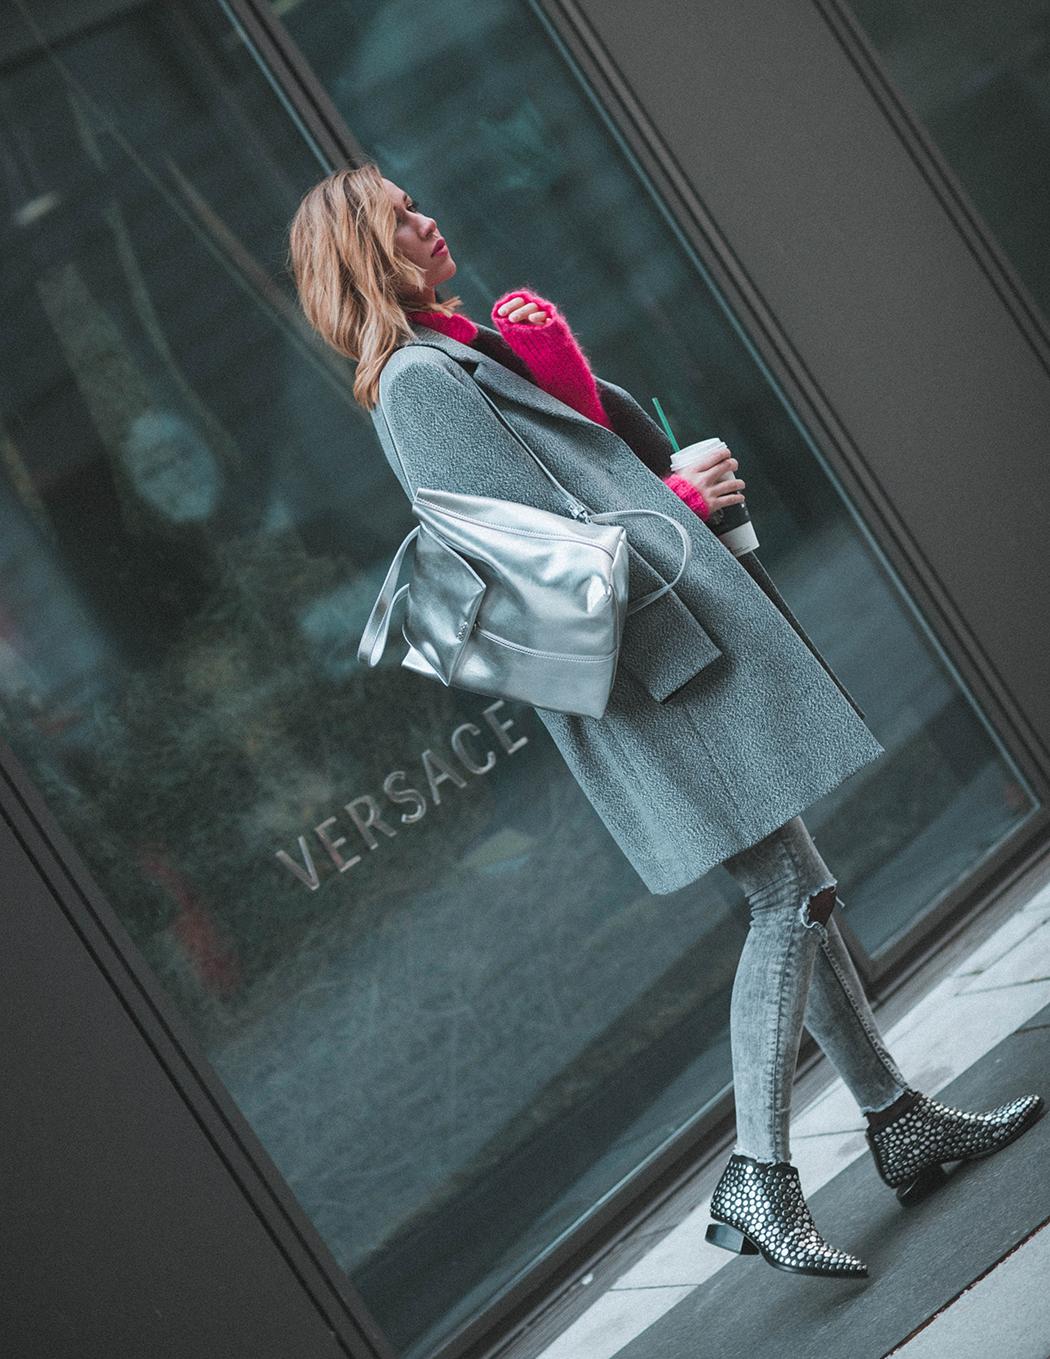 Fashionblog-Fashionblogger-Fashion-Blog-Blogger-Muenchen-Deutschland-Max-and-Co-Rucksack-silber-Lindarella-7-web